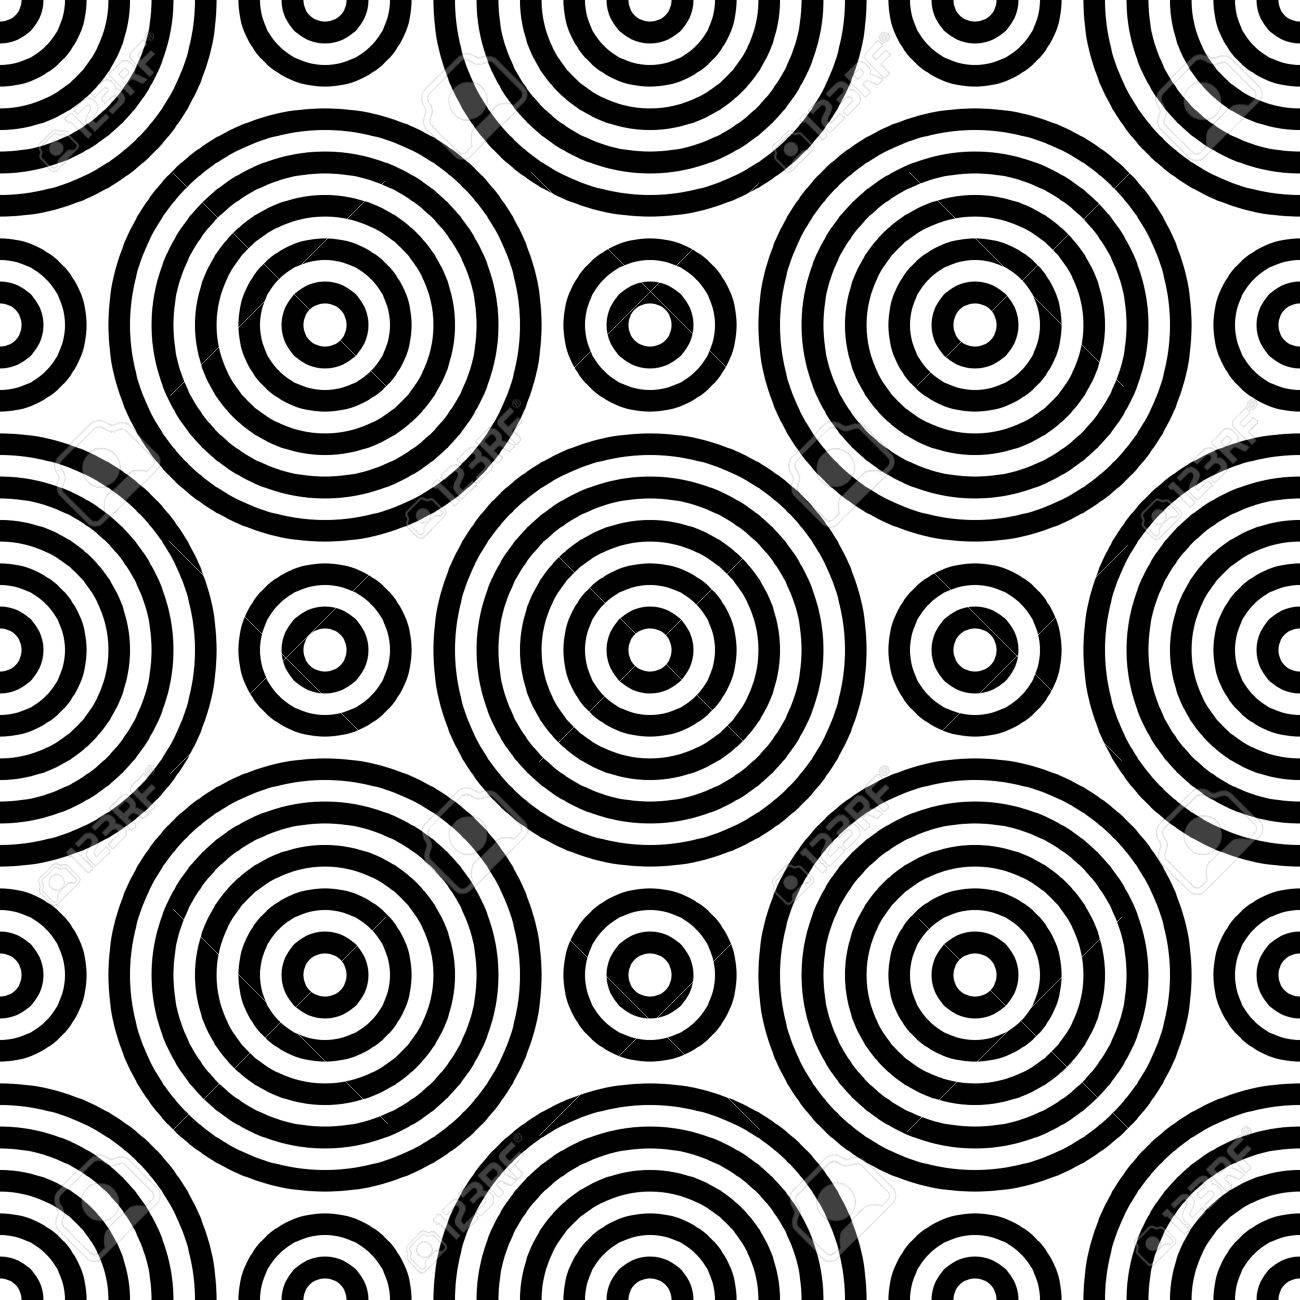 Vettoriale Cerchio Modello Senza Soluzione Di Continuità Estratto